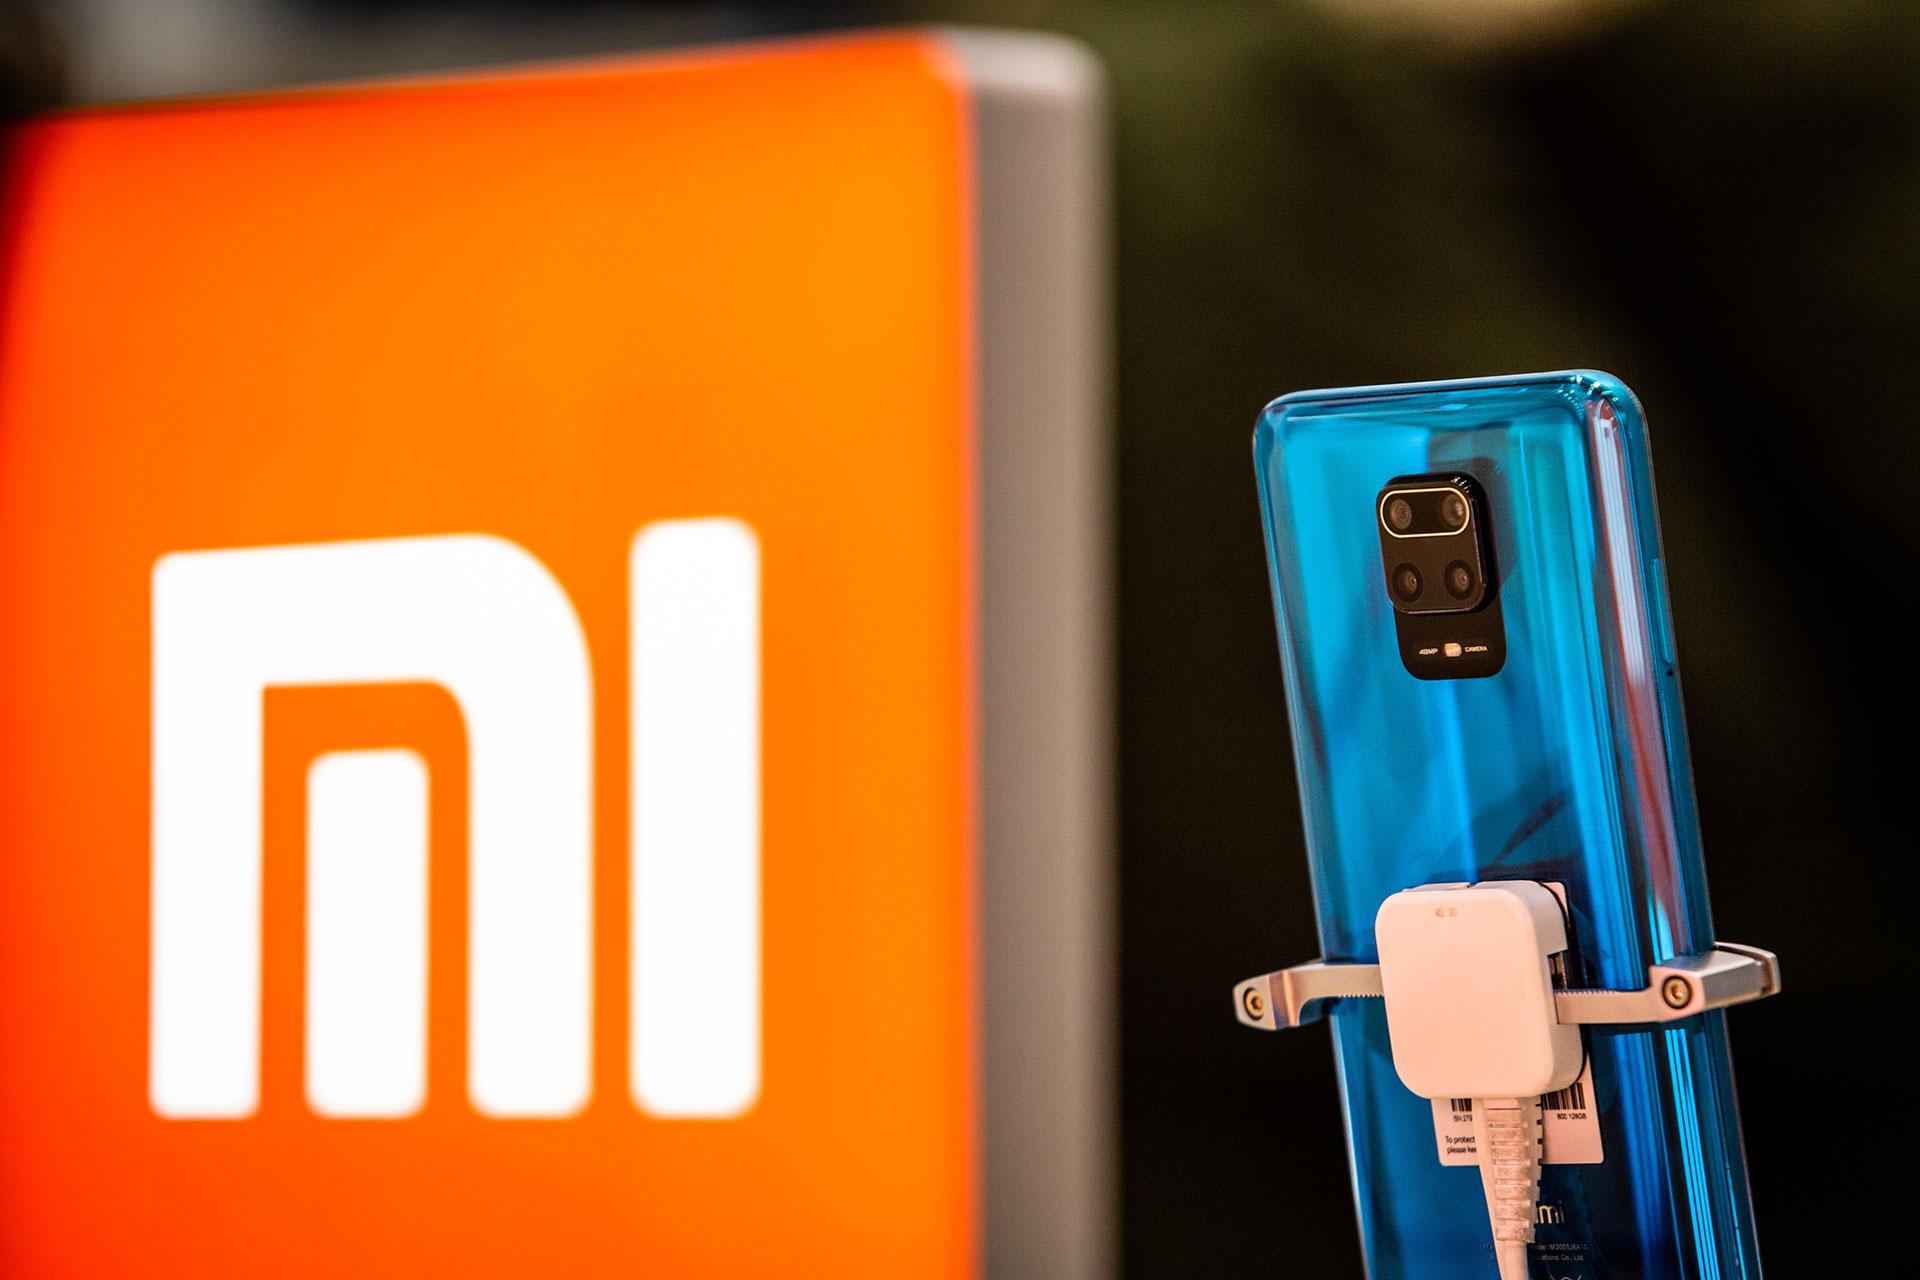 فروش 83 درصد شیائومی ، تبدیل شدن آن به دومین تولیدکننده جایگاه گوشی هوشمند